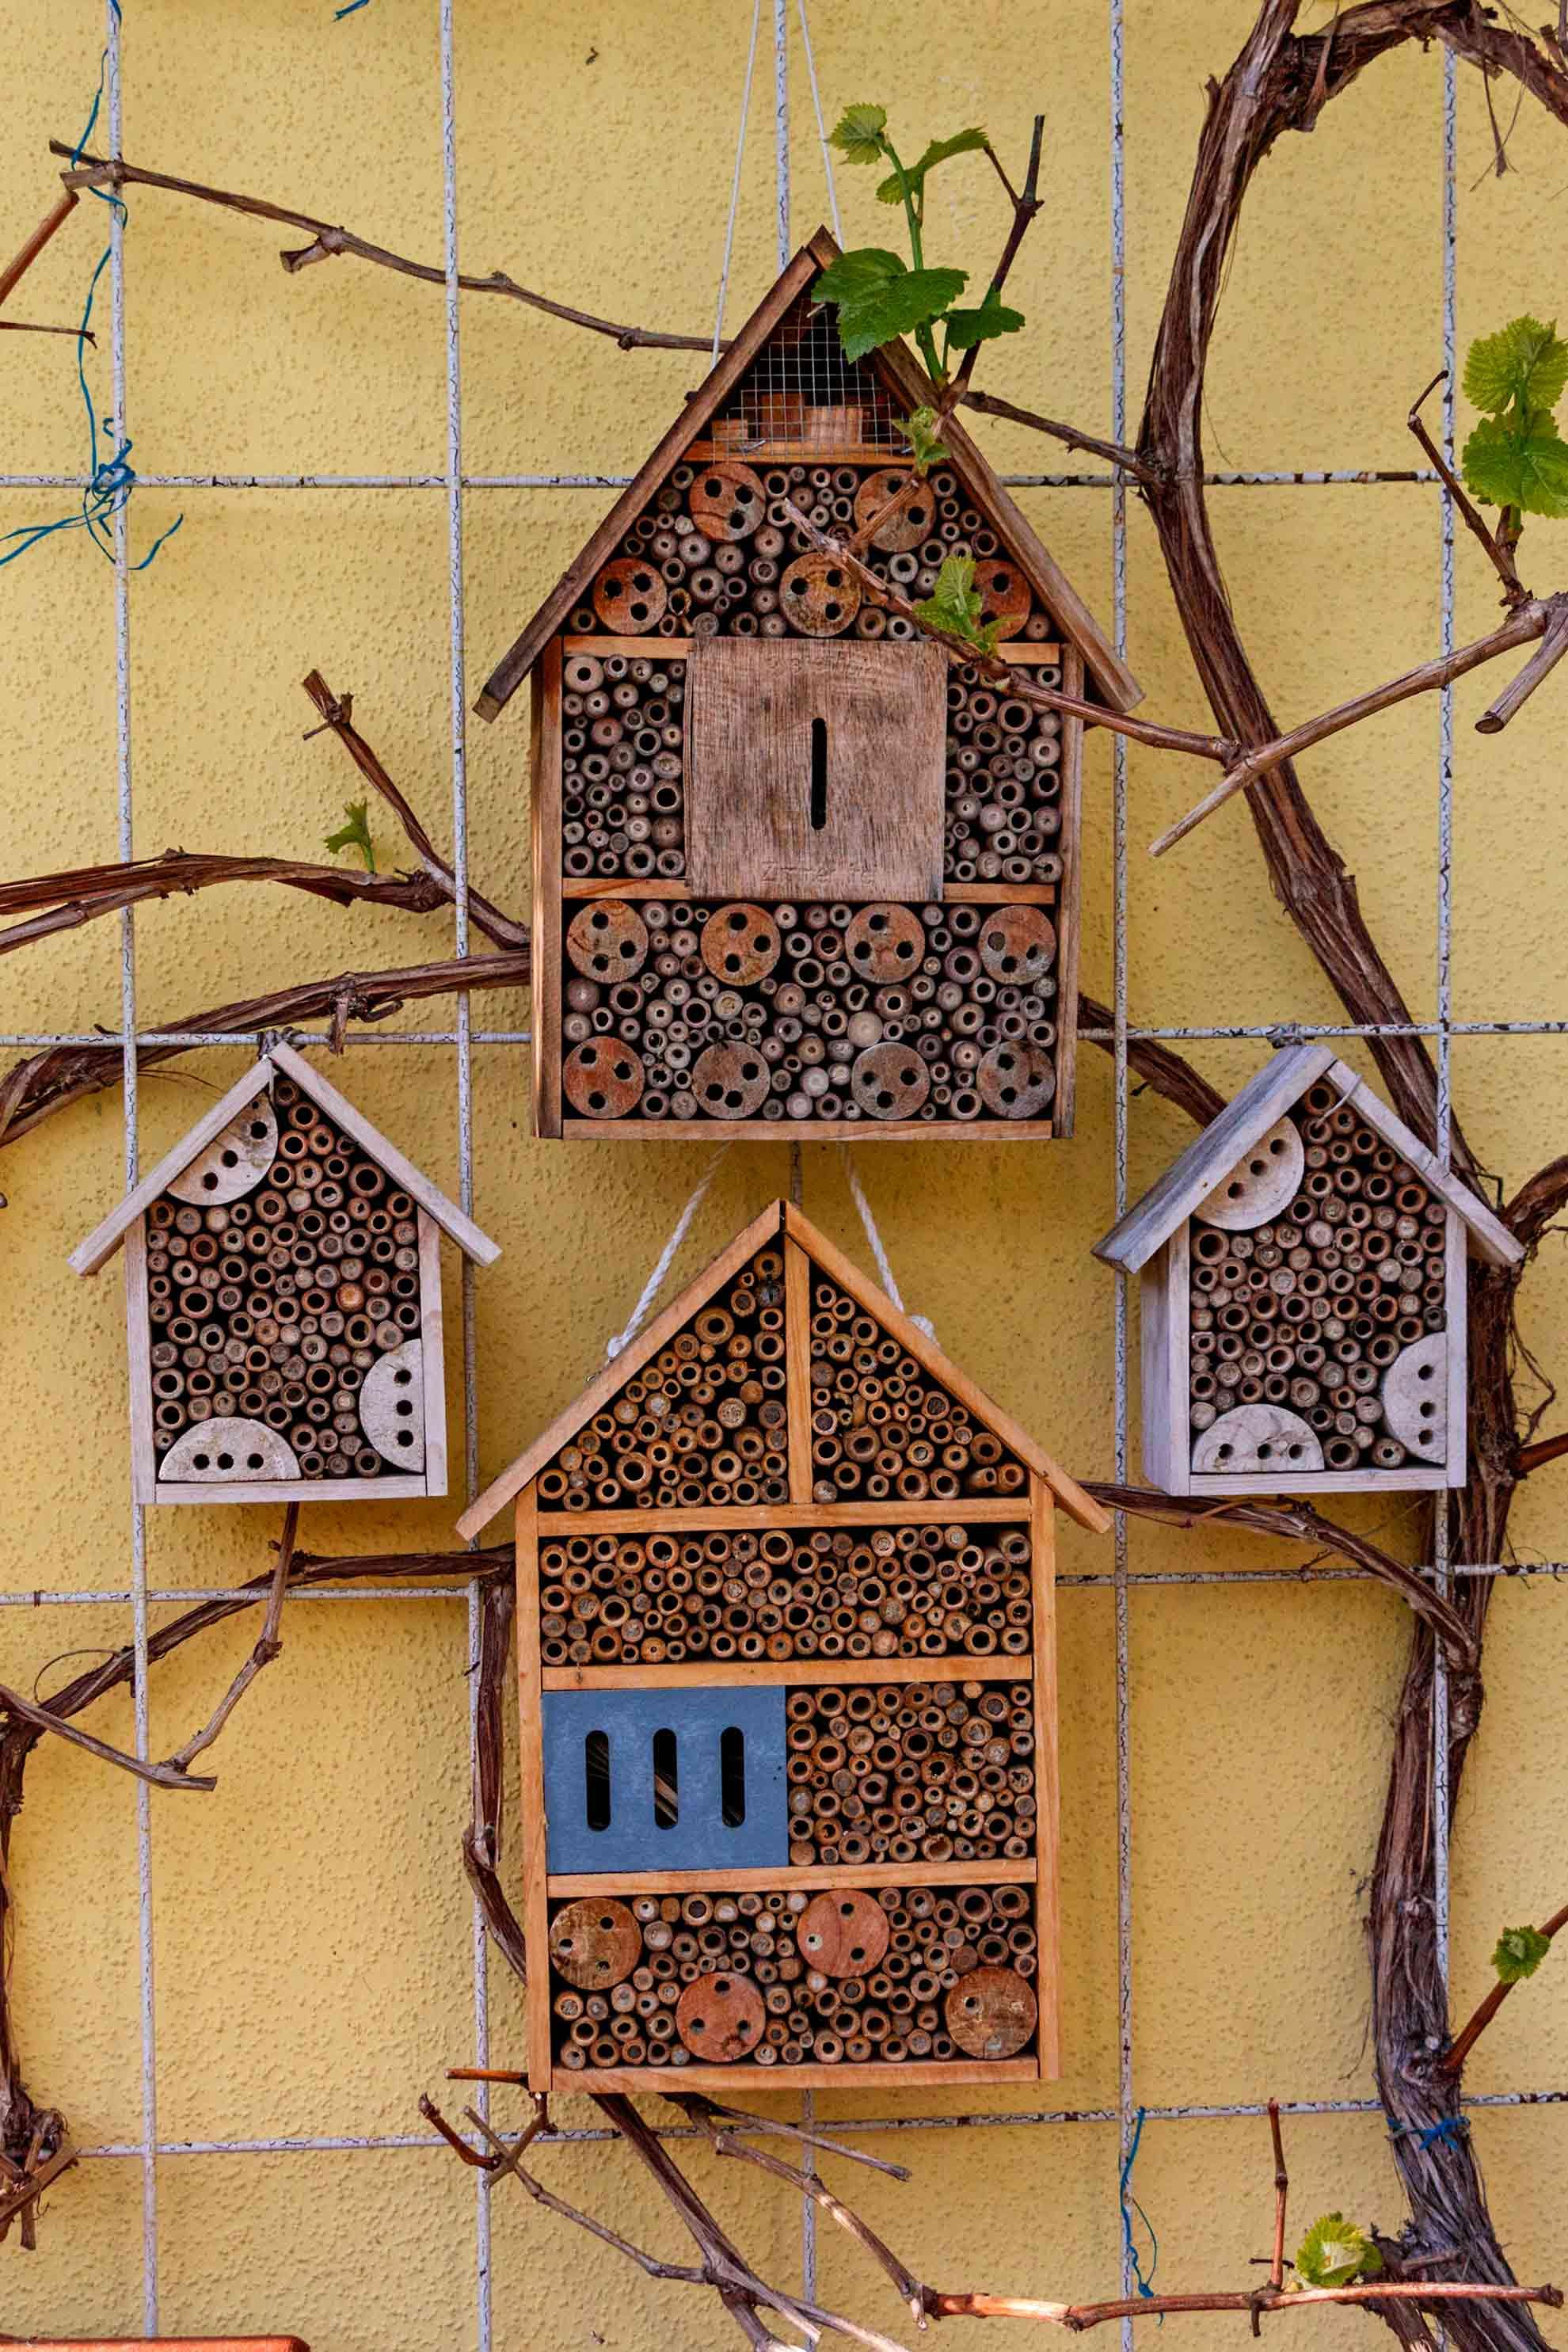 Insektenhotels bieten Lebensräume und Nistplätze für Nützlinge, darunter natürlich auch Wildbienen (Foto: Ingrid Bechler)